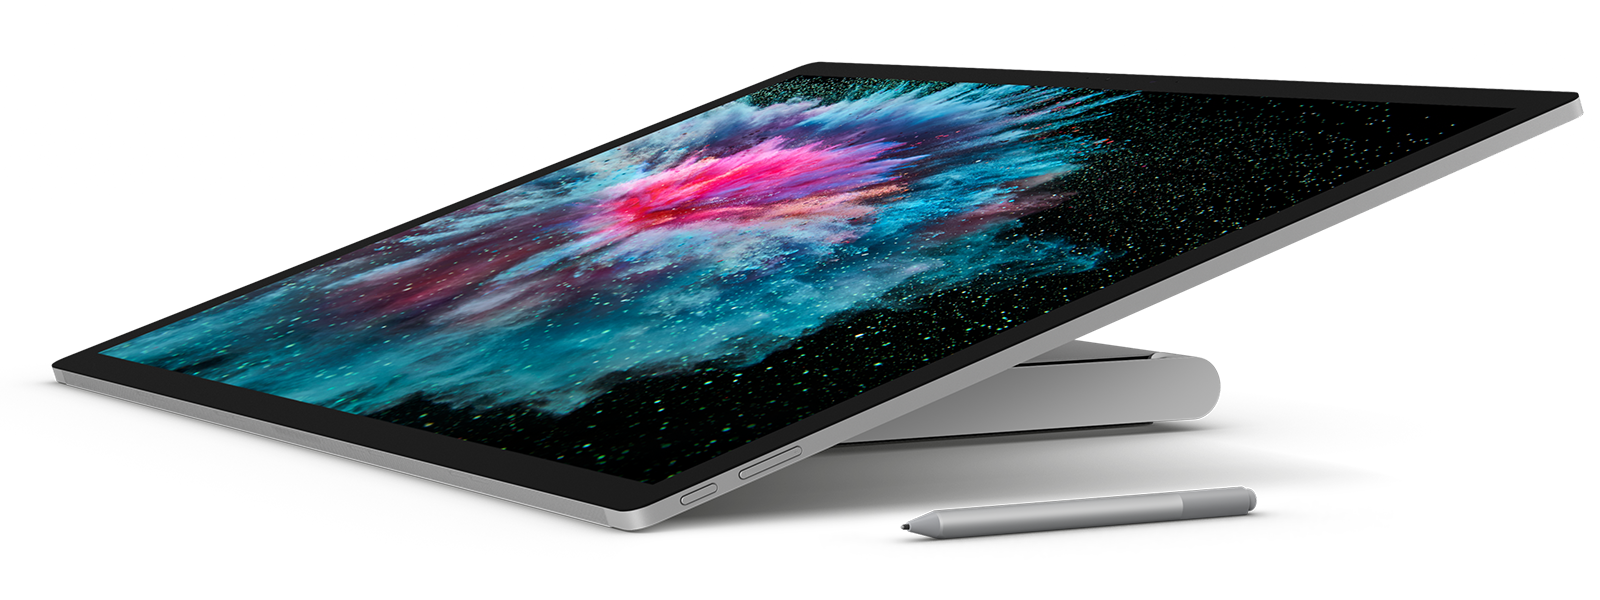 جهاز Surface Studio 2 في وضع ستوديو